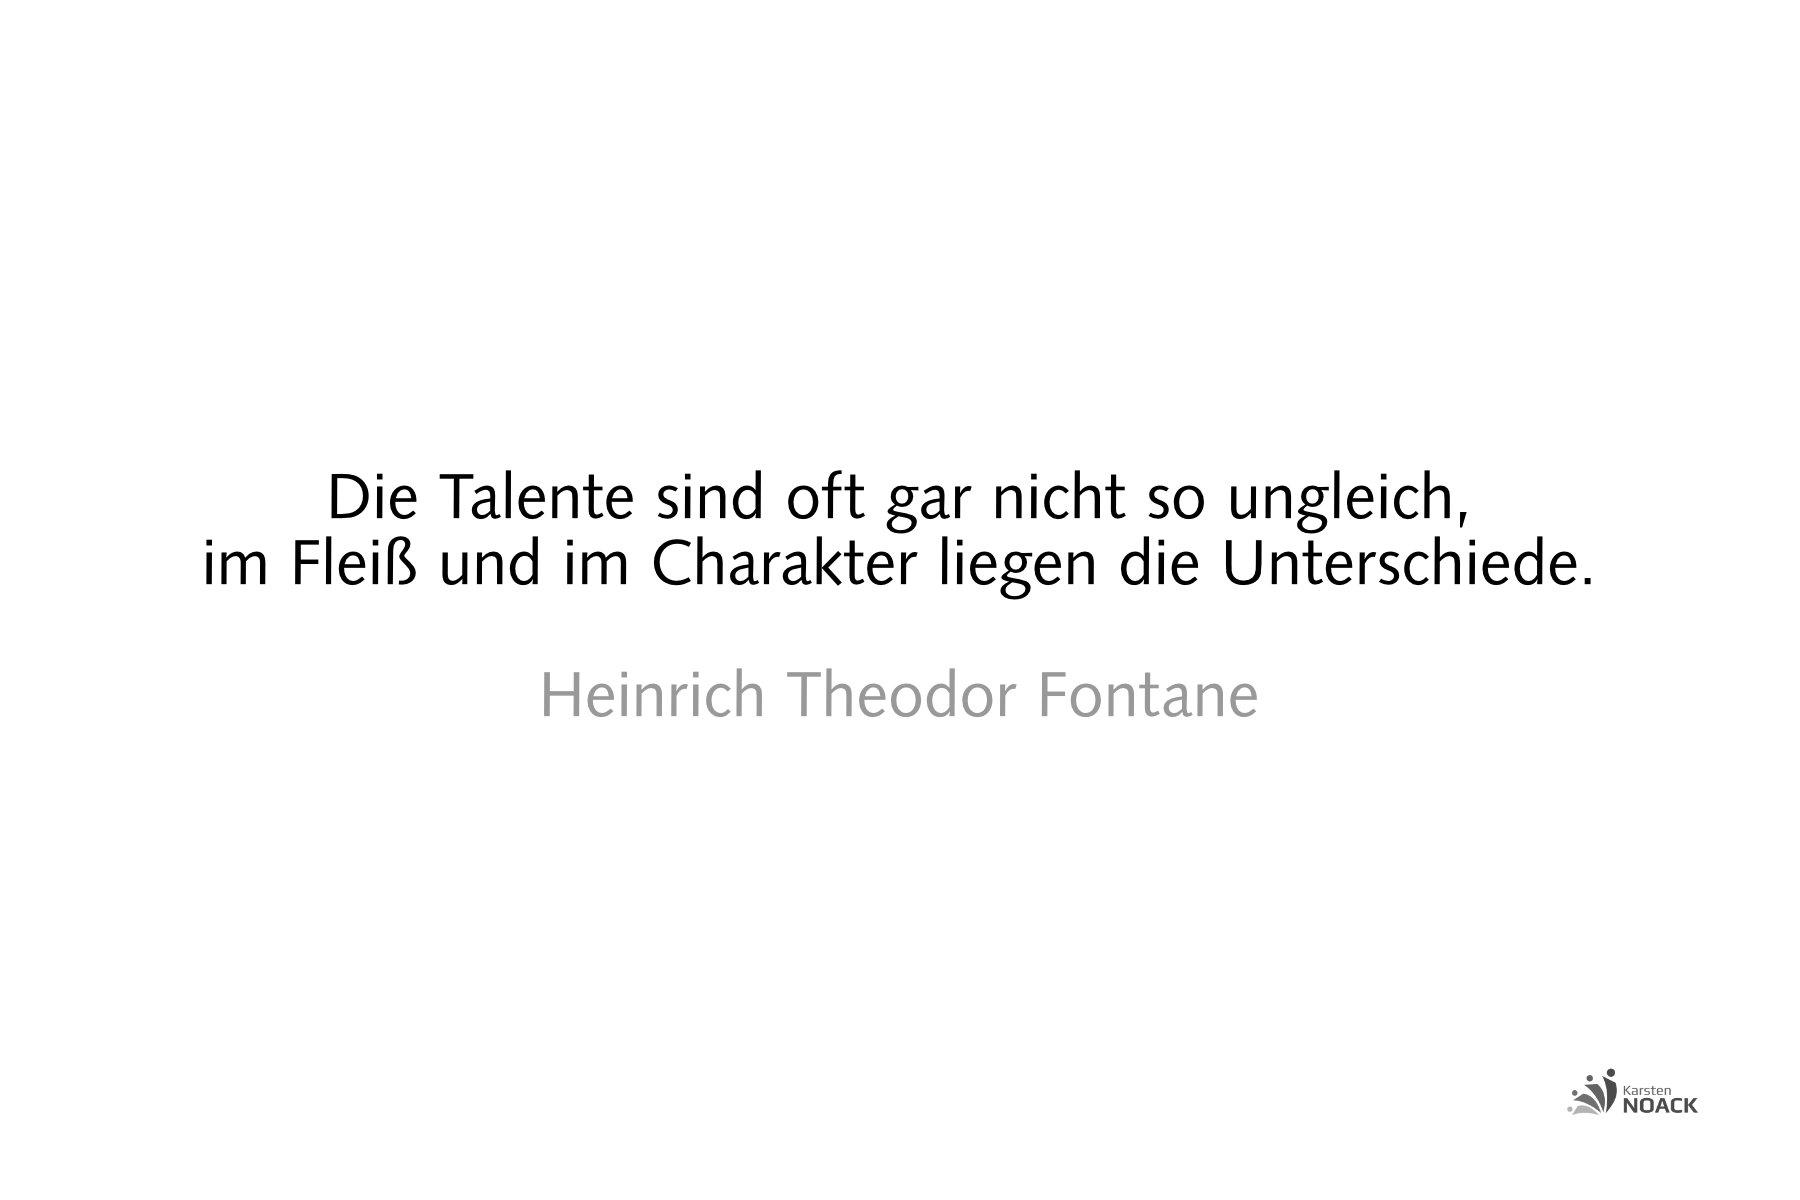 Die Talente sind oft gar nicht so ungleich, im Fleiß und im Charakter liegen die Unterschiede. Heinrich Theodor Fontane